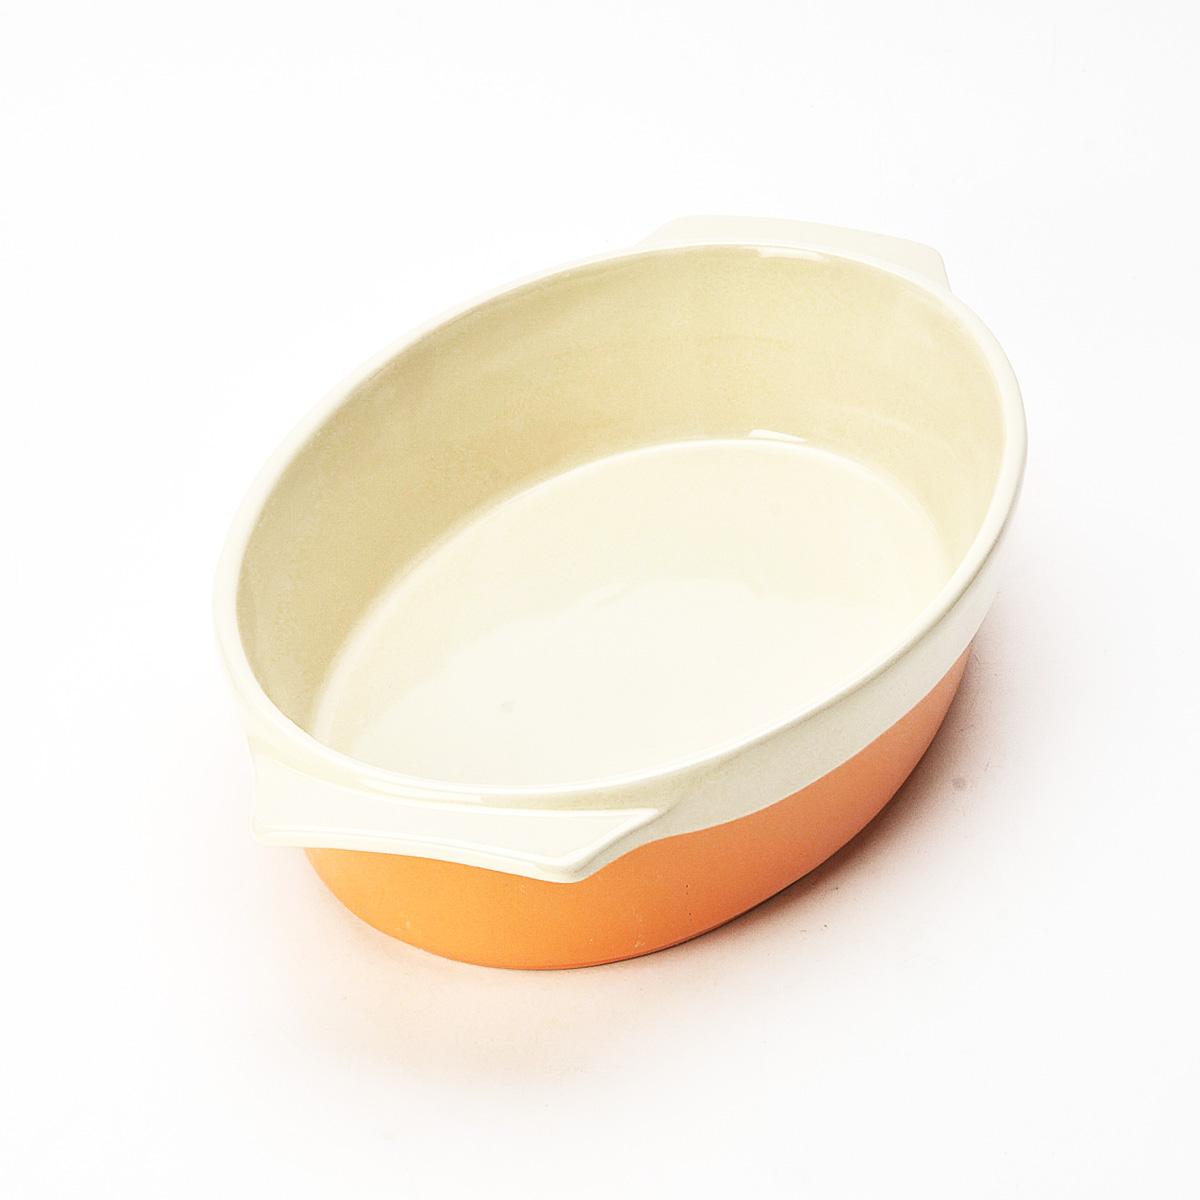 Противень Mayer & Boch, овальный, цвет: оранжевый, бежевый, 33 см х 21,5 см х 6 см. 2178521785Противень Mayer & Boch изготовлен из высококачественной керамики и подходит для любого вида пищи. Элегантный дизайн идеально подходит для современного дома. Пища, приготовленная в керамической посуде, сохраняет свои вкусовые качества, и благодаря экологической чистоте материала, не может нанести вред здоровью человека. Керамика - один из самых лучших материалов, который удерживает тепло, медленно и равномерно его распределяет. Максимальный нагрев - 400°С. С таким противнем вы всегда сможете порадовать своих близких оригинальным блюдом. Противень можно использовать в микроволновой печи и духовом шкафу, замораживать в холодильнике. Можно мыть в посудомоечной машине.